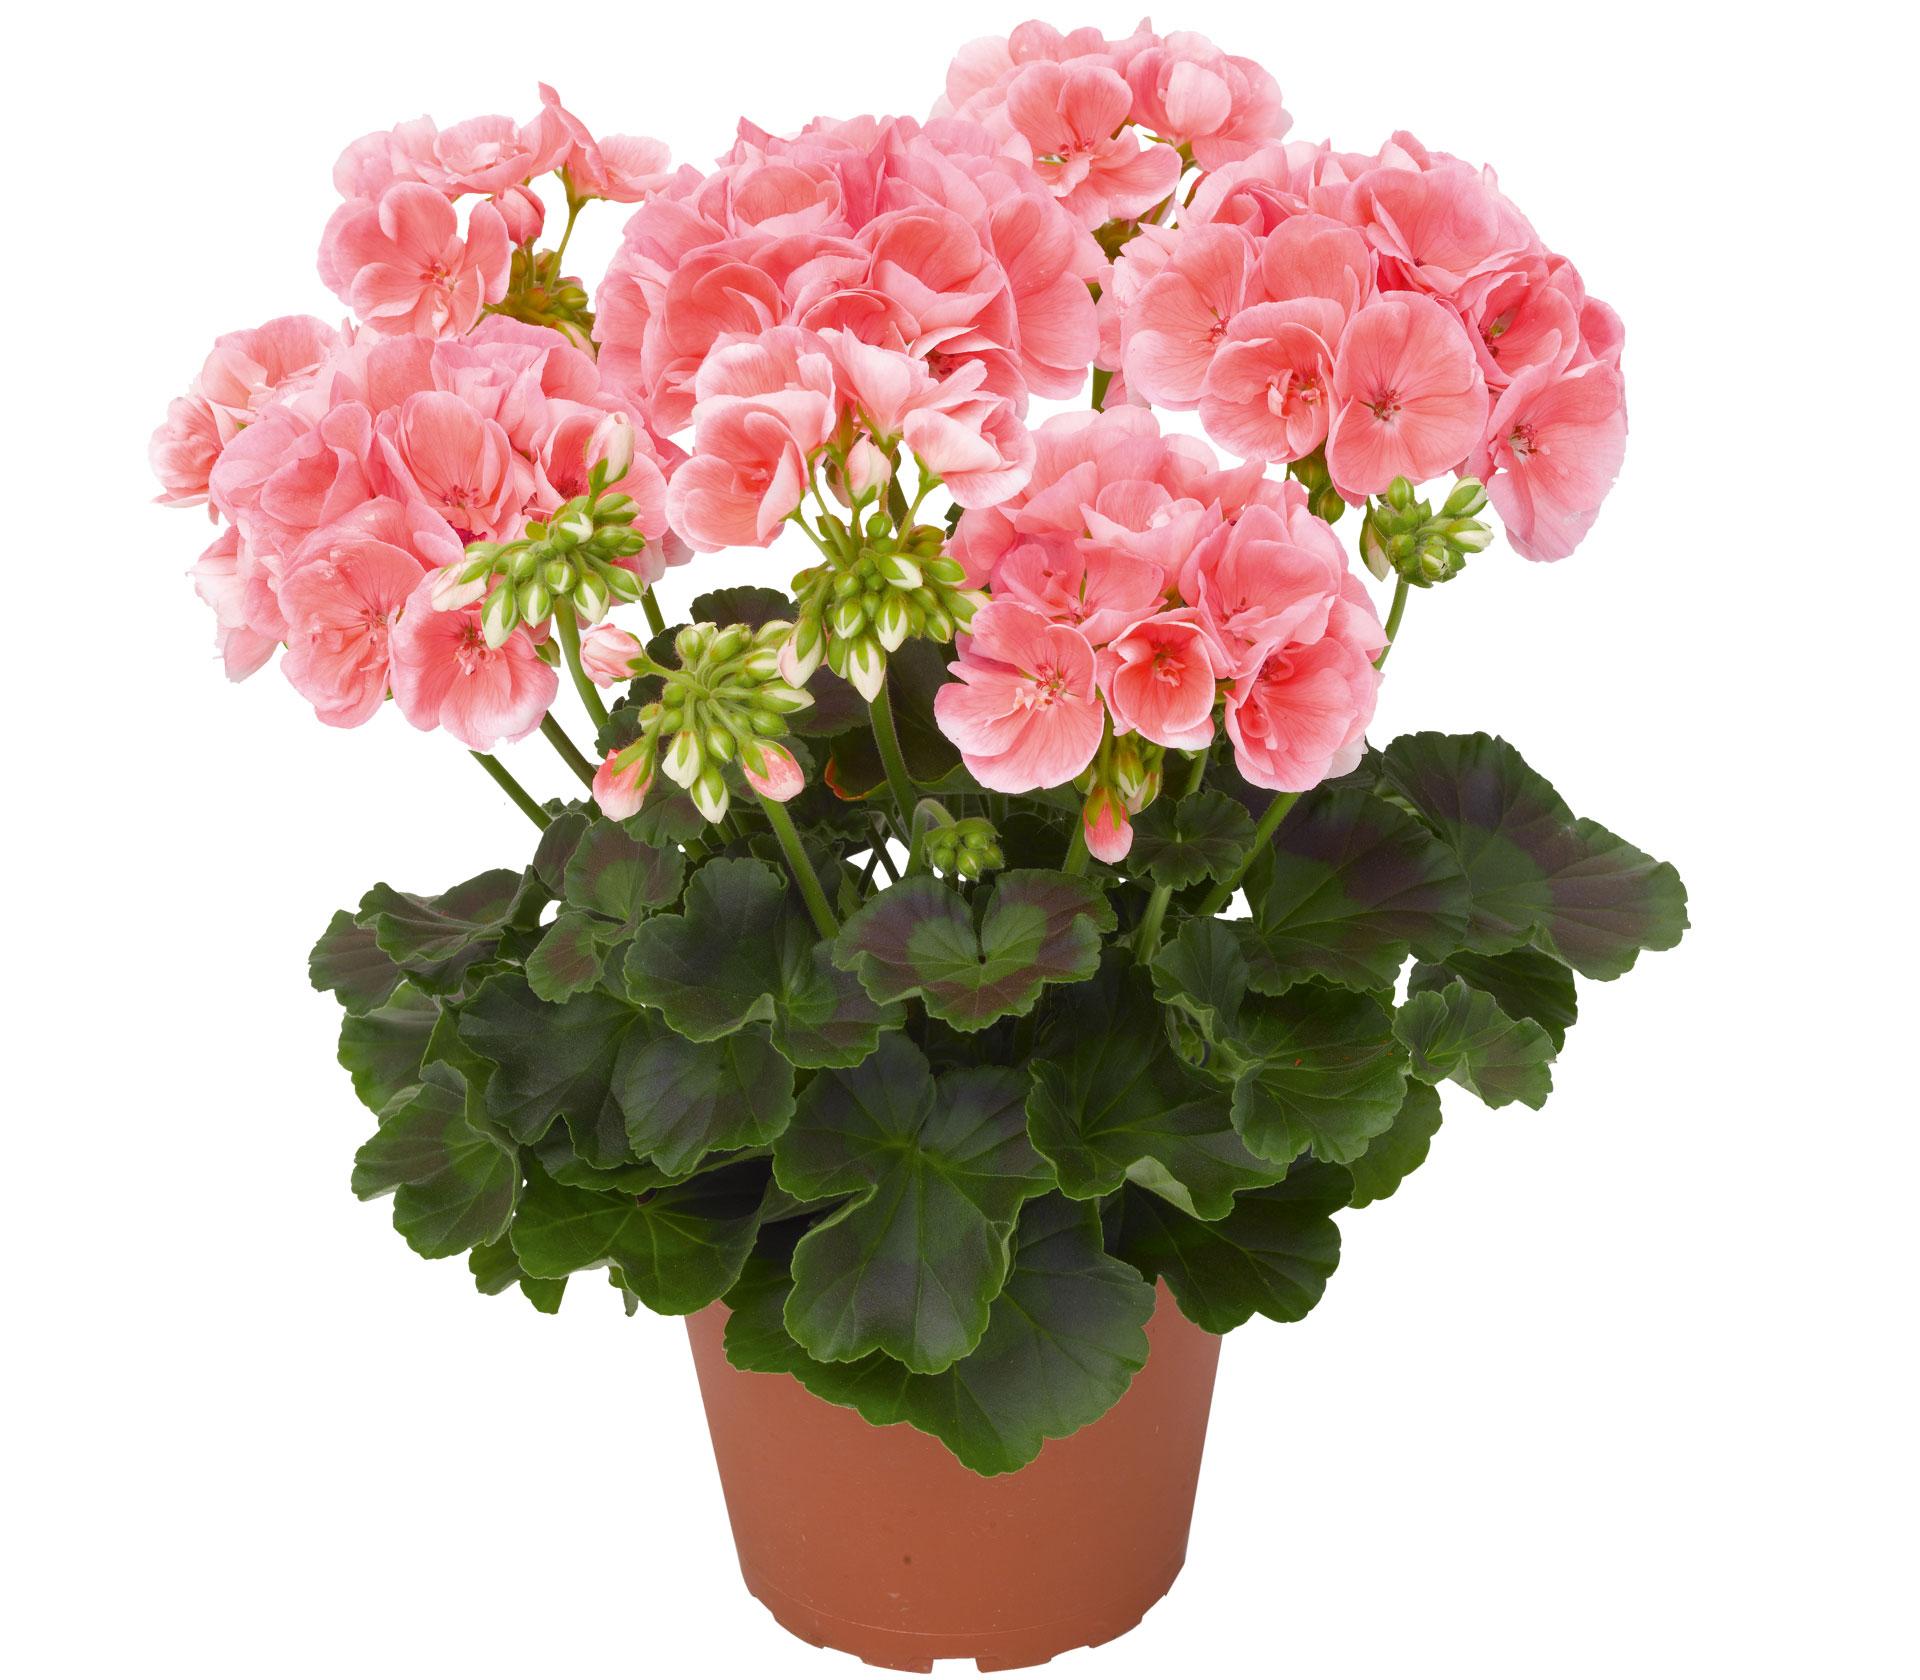 Комнатный цветок герань уход в домашних условиях